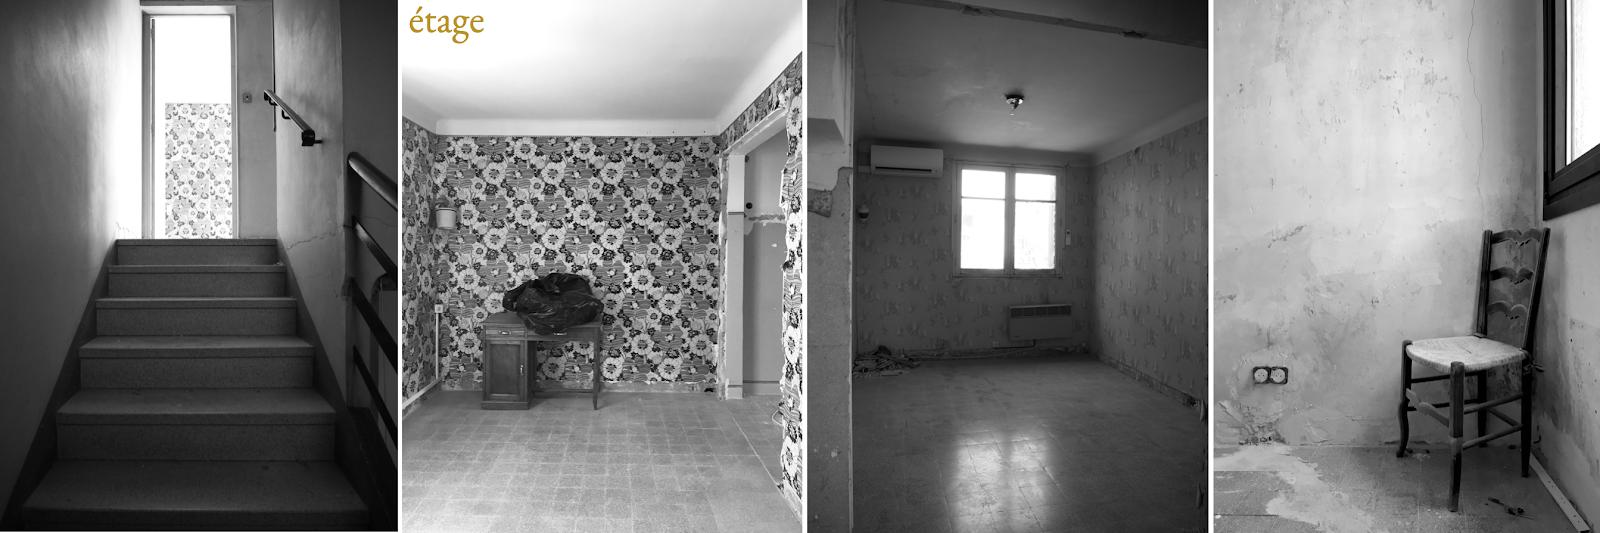 décoration d'intérieur - aix en provence - ilaria fatone- maison paulette - avant étage